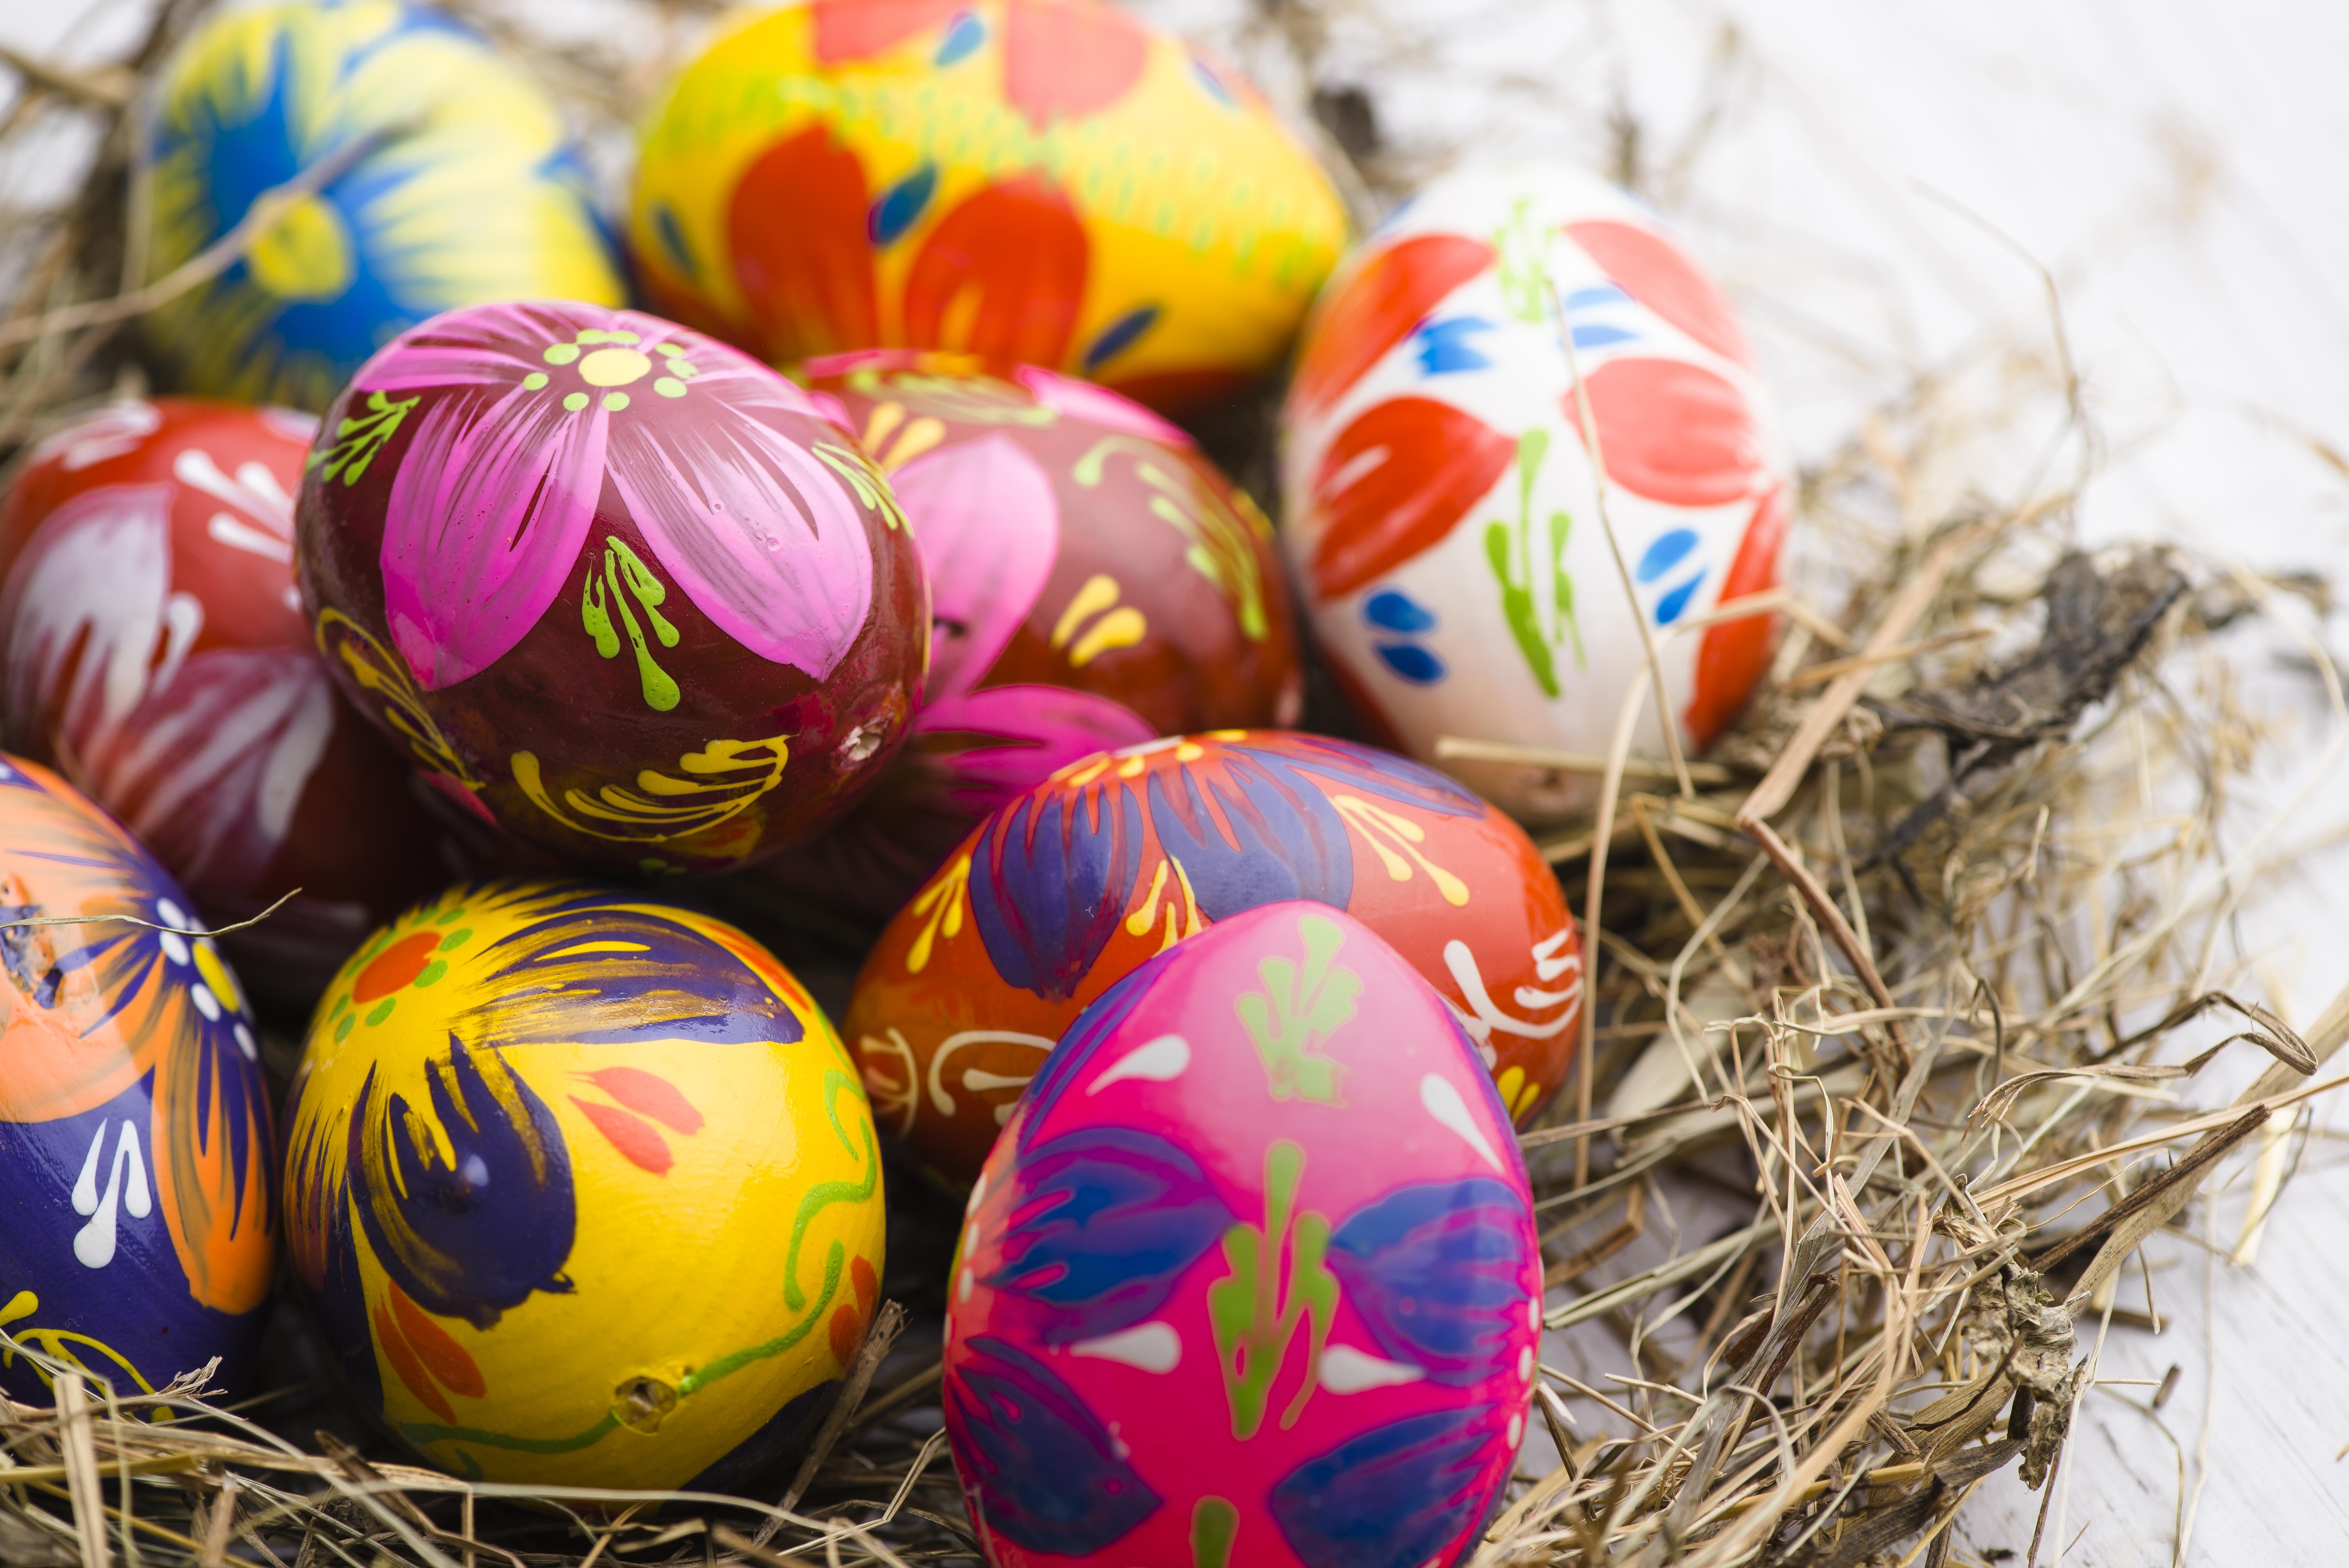 Pâques arrive à grand pas : décorez les oeufs et faites des gâteaux !